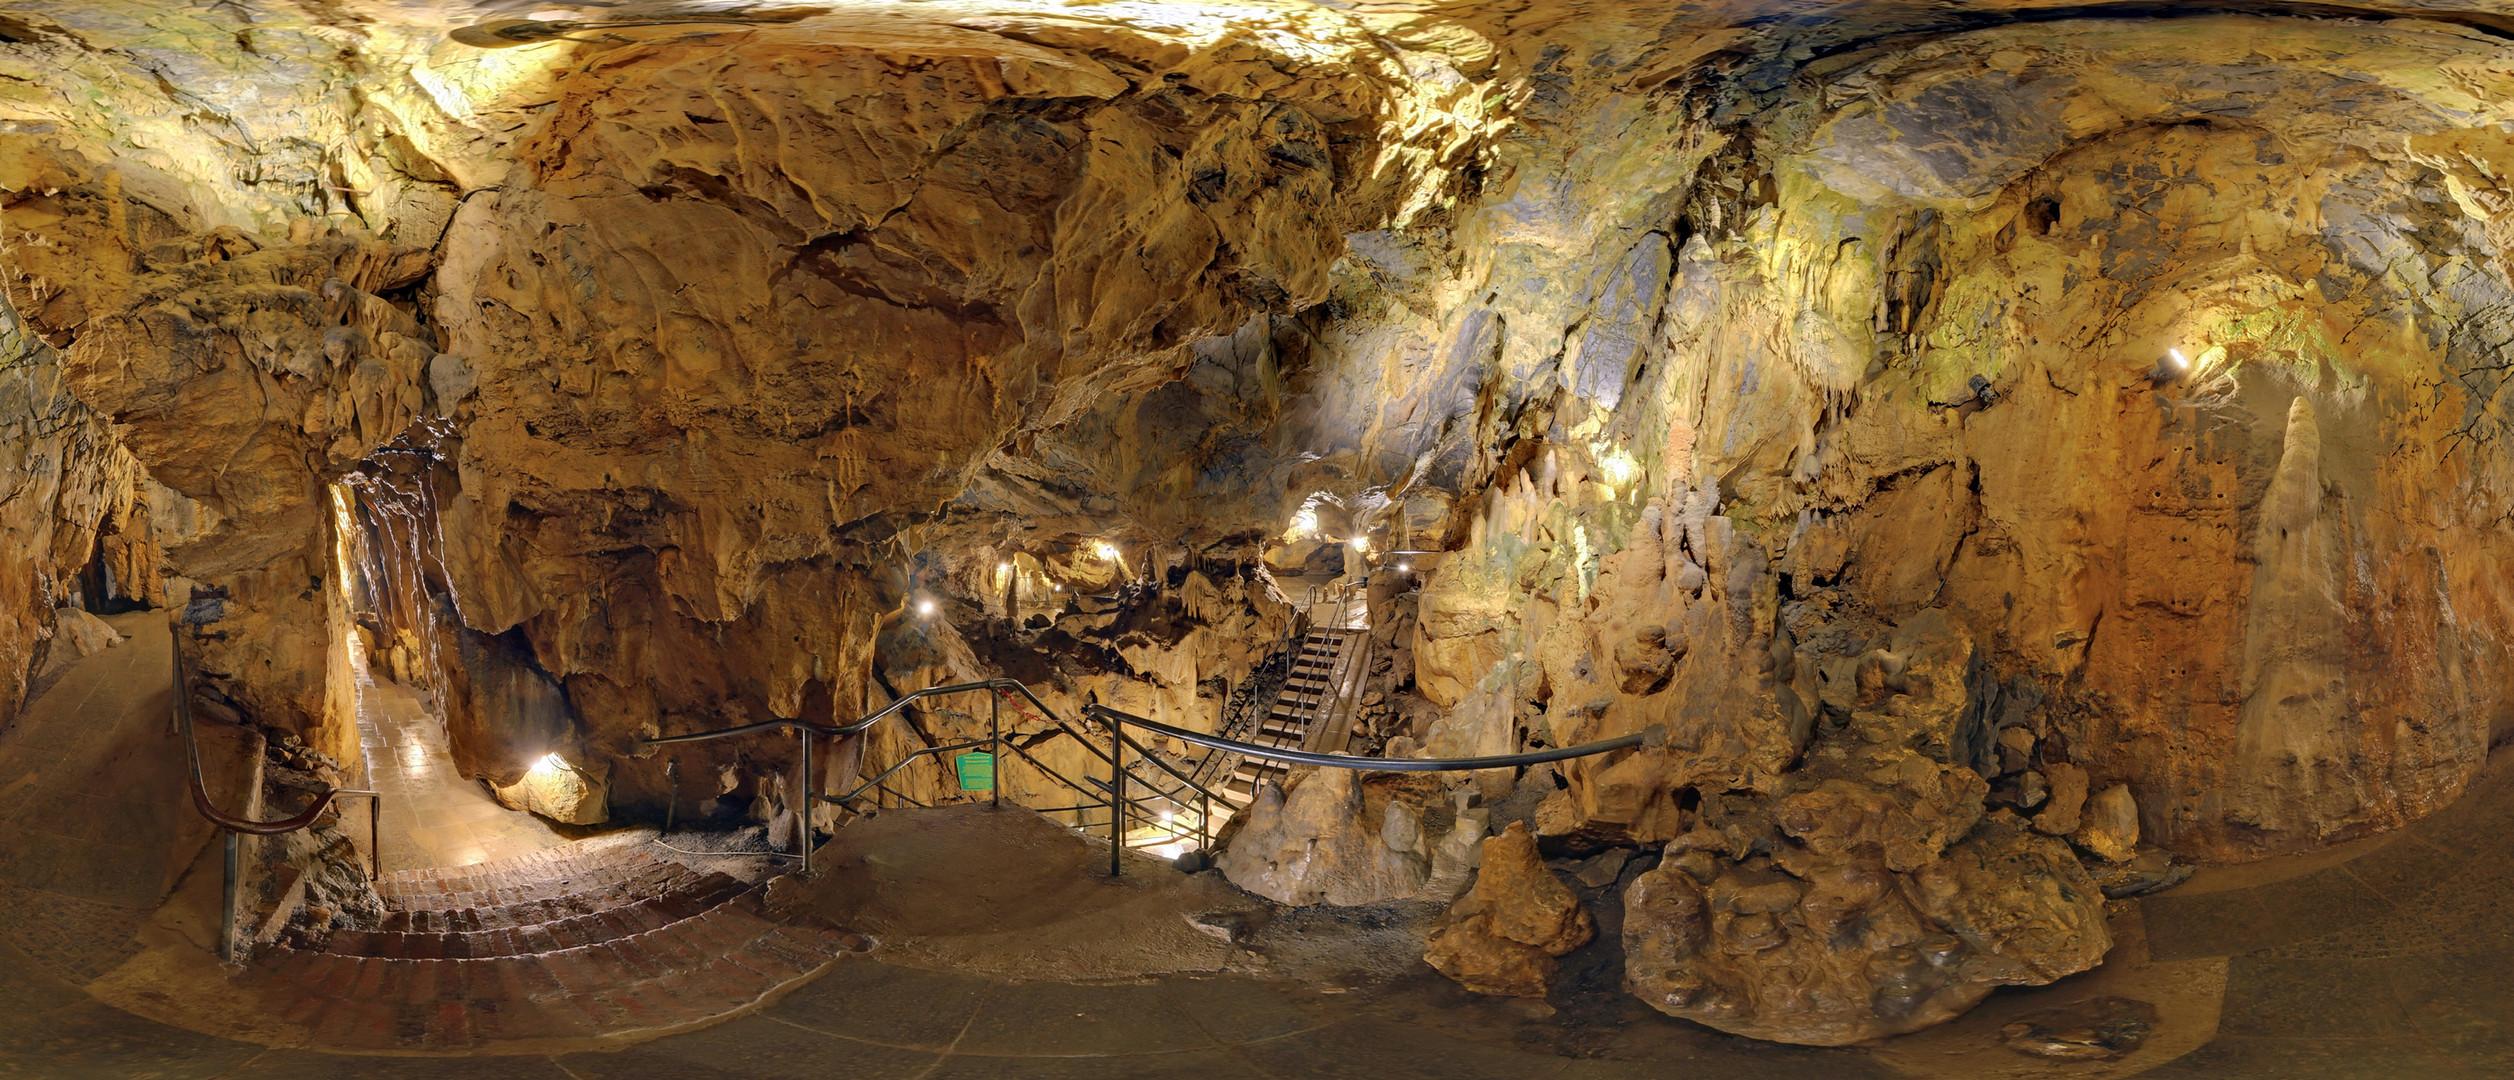 Sphärisches Panorama der Tropfsteinhöhle in Warstein